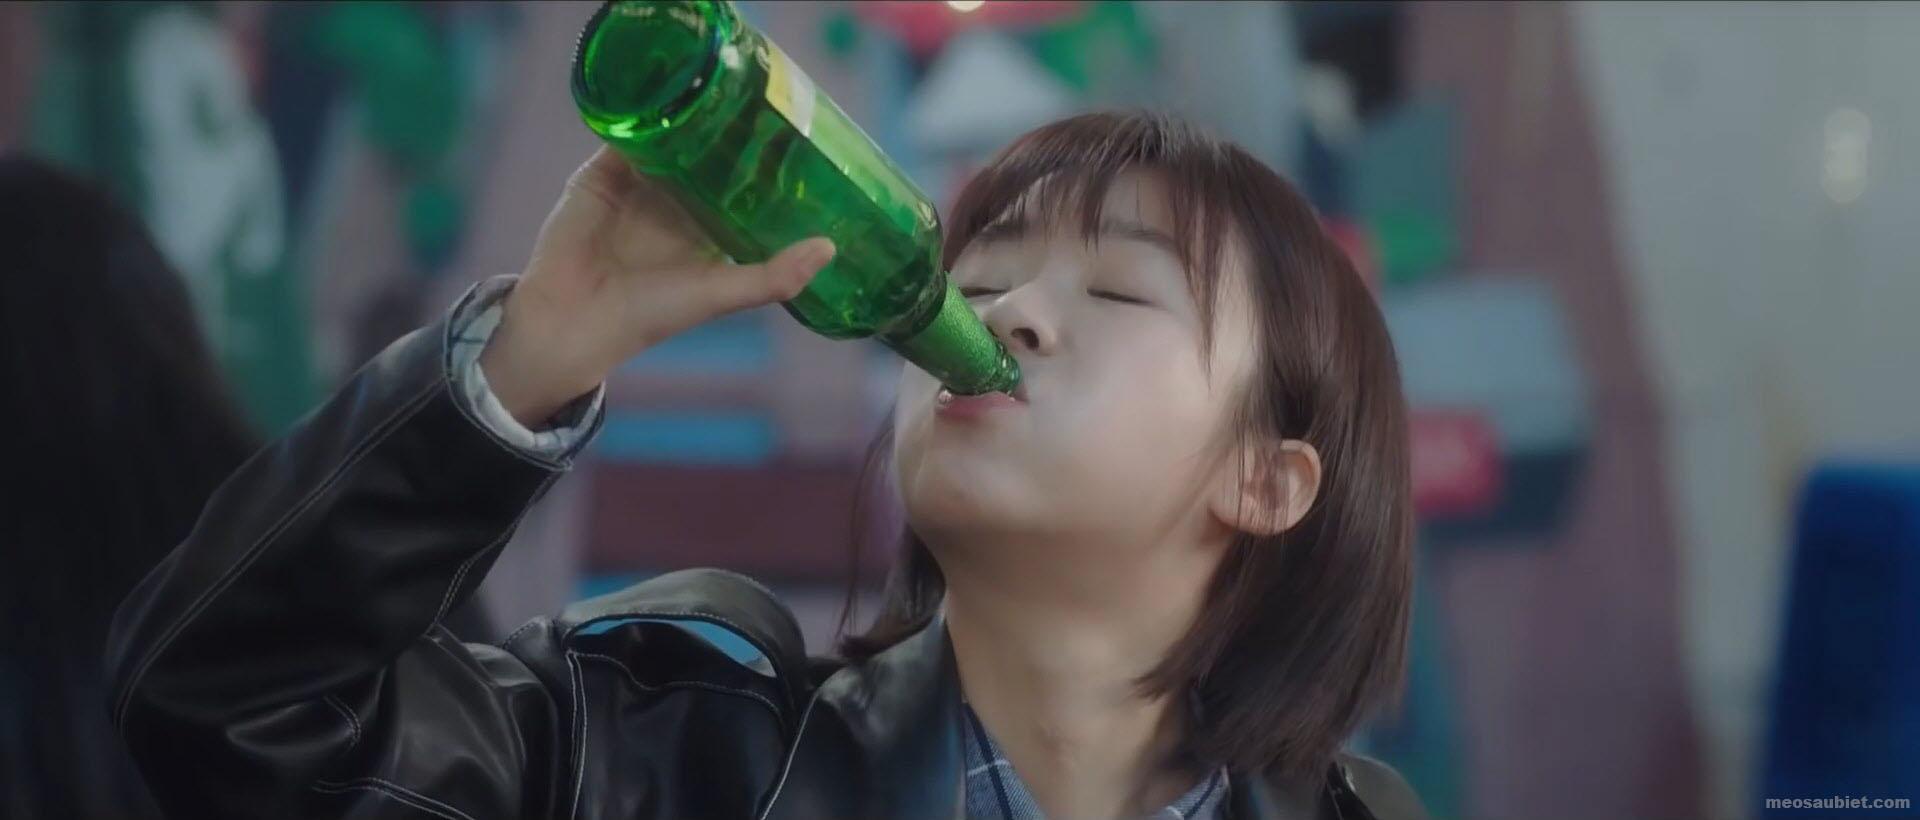 Cô gái nhìn thấy mùi hương 2019 Tống Y Nhân trong vai Hà Bất Túy